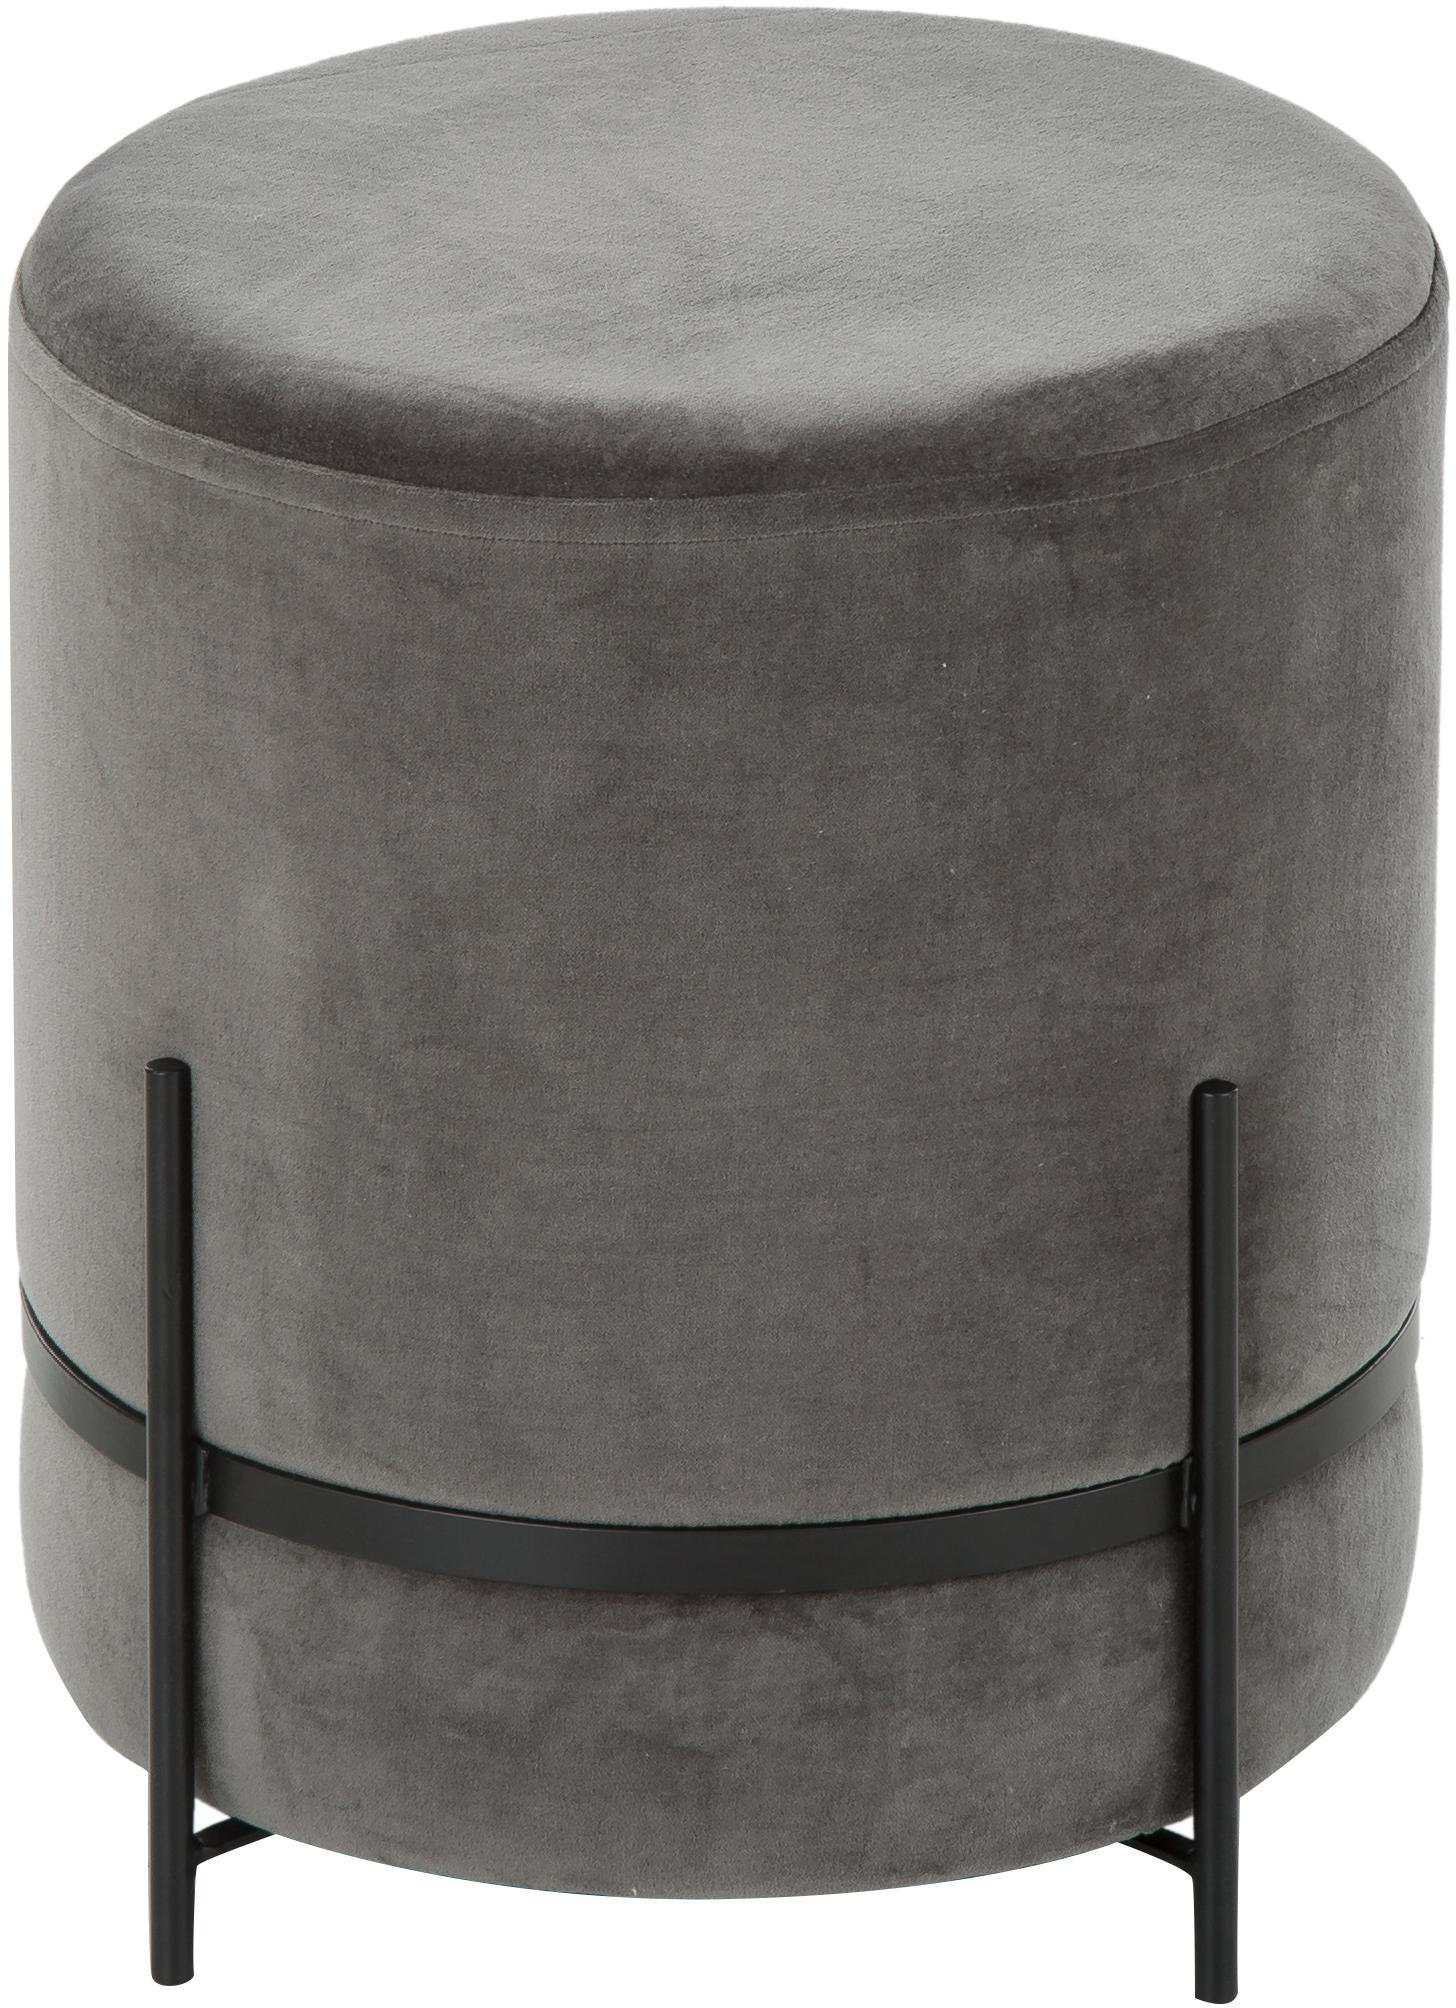 Puf de terciopelo Haven, Tapizado: terciopelo de algodón, Patas: metal con pintura en polv, Gris, negro, Ø 38 x Al 45 cm